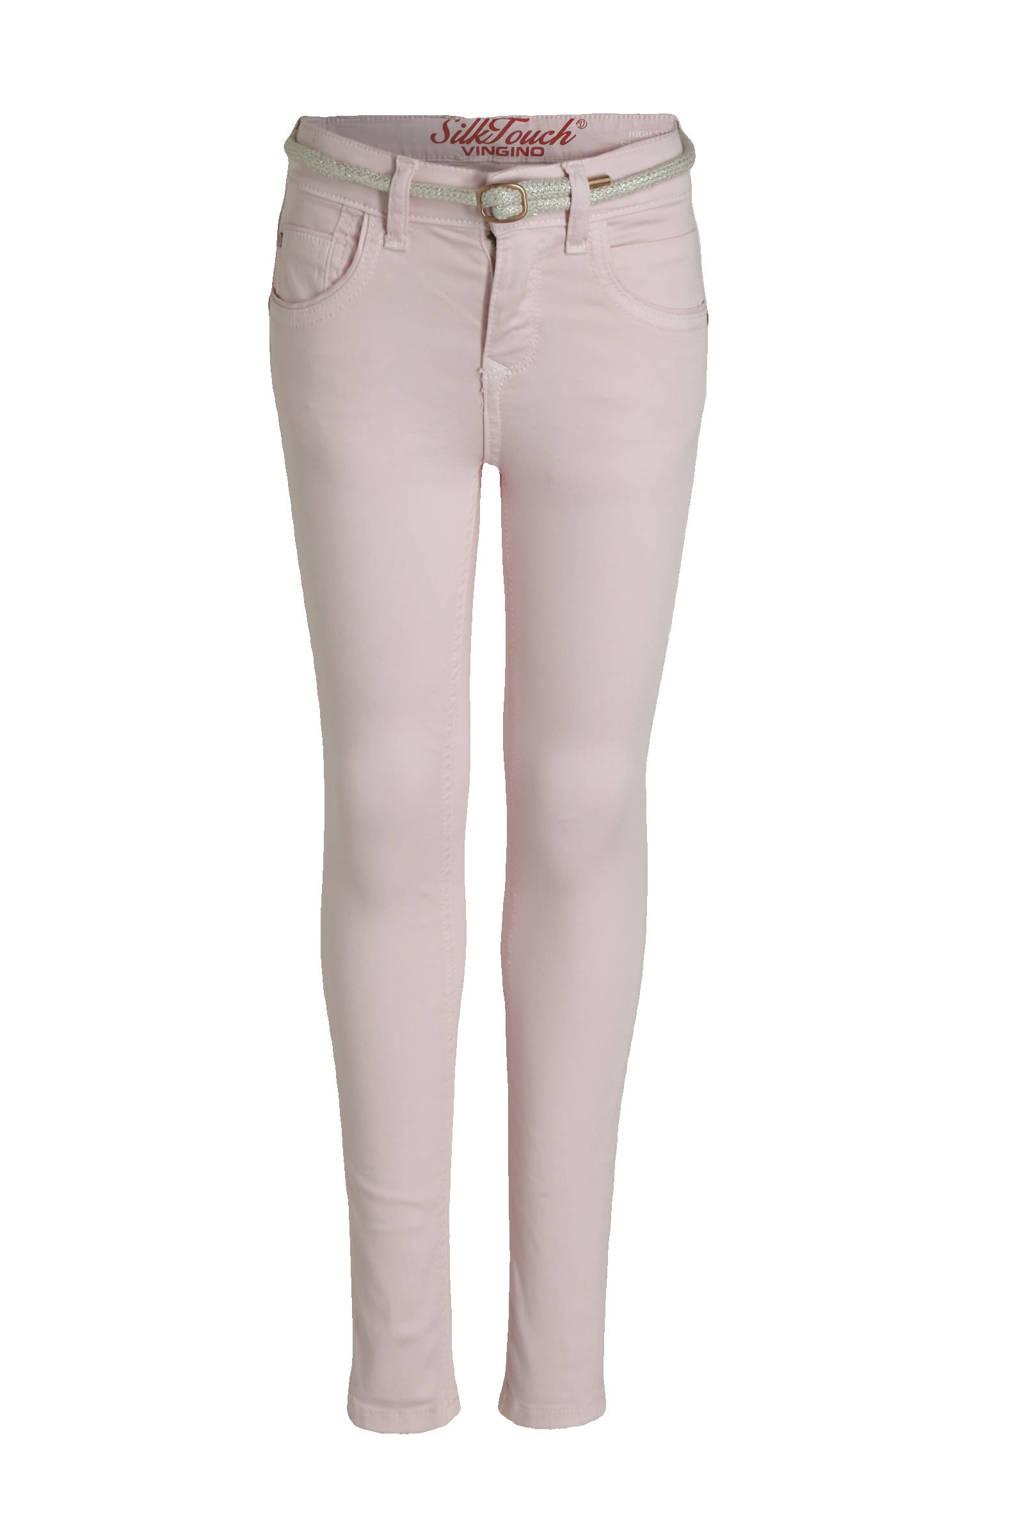 Vingino high waist super skinny jeans Belize Color lichtroze, Lichtroze